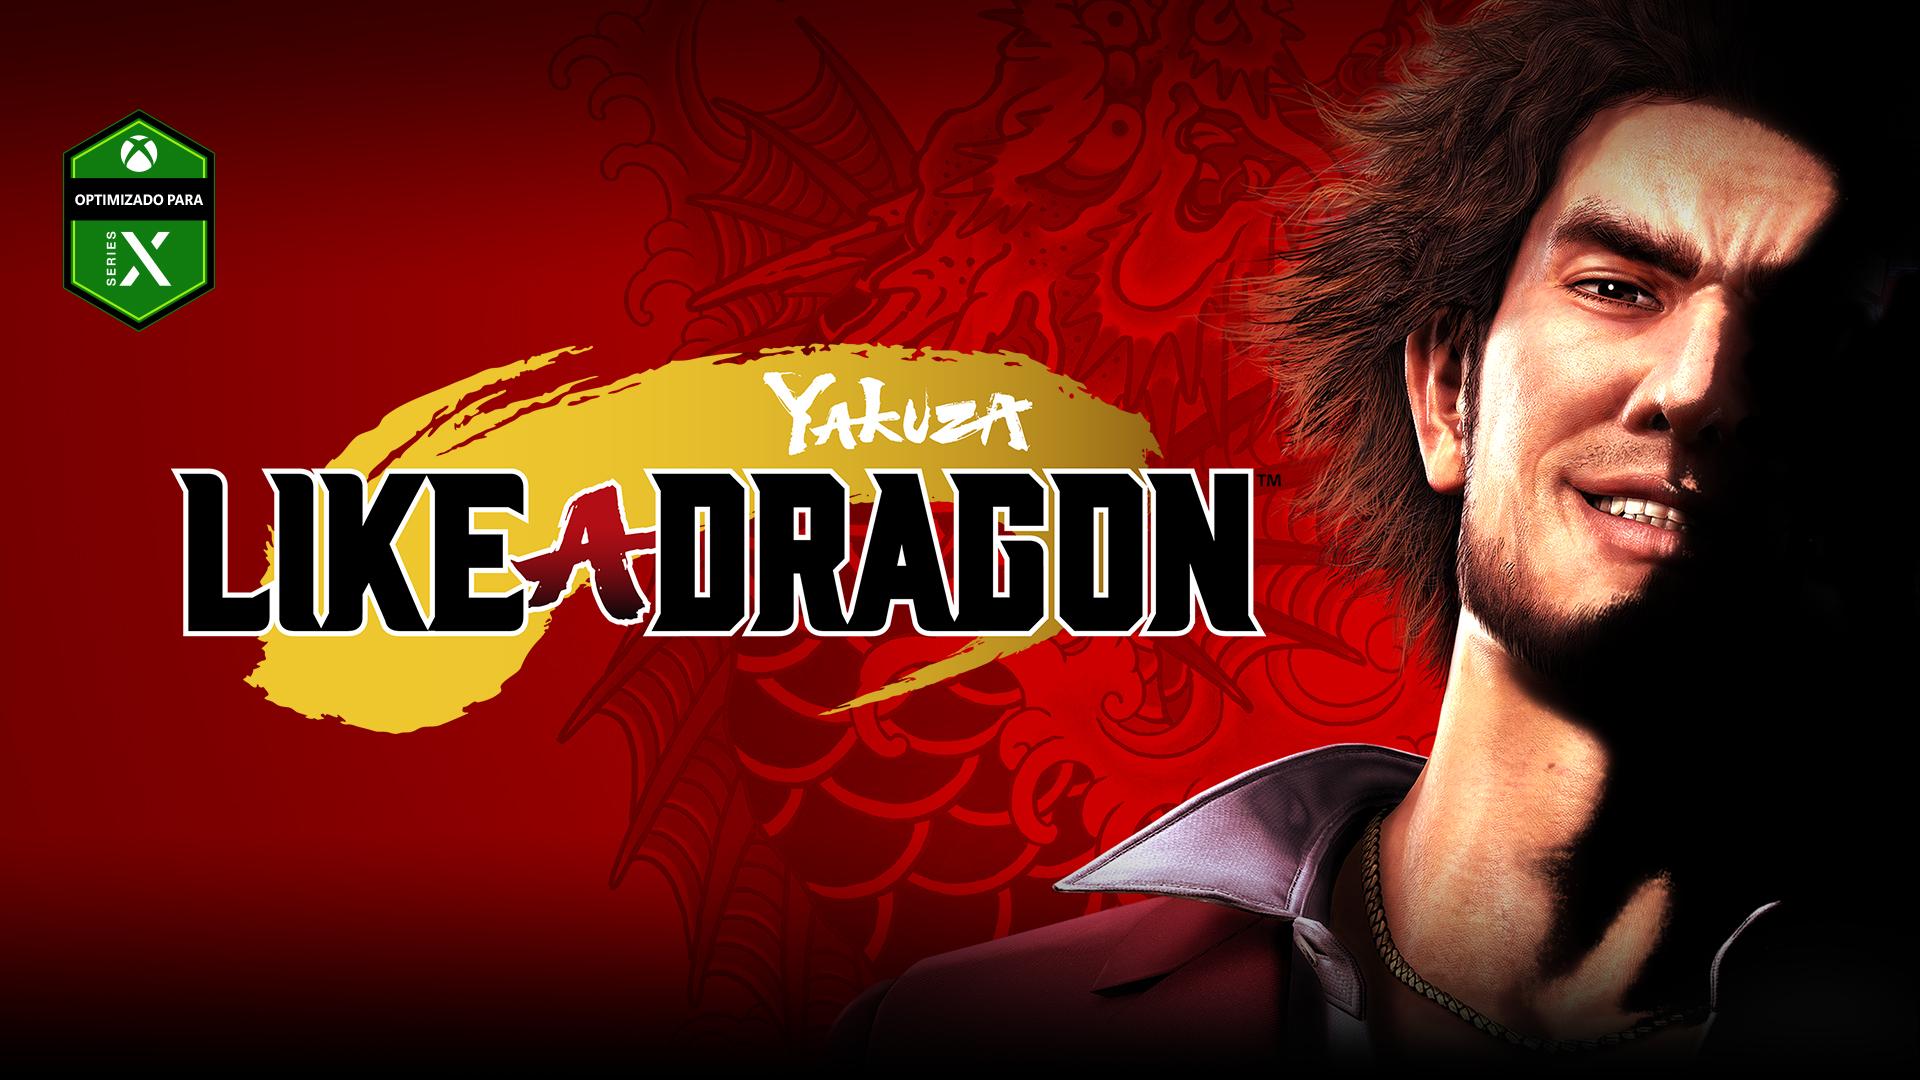 Yakuza Like a Dragon, Ichiban sonríe sobre un fondo de dragón rojo.